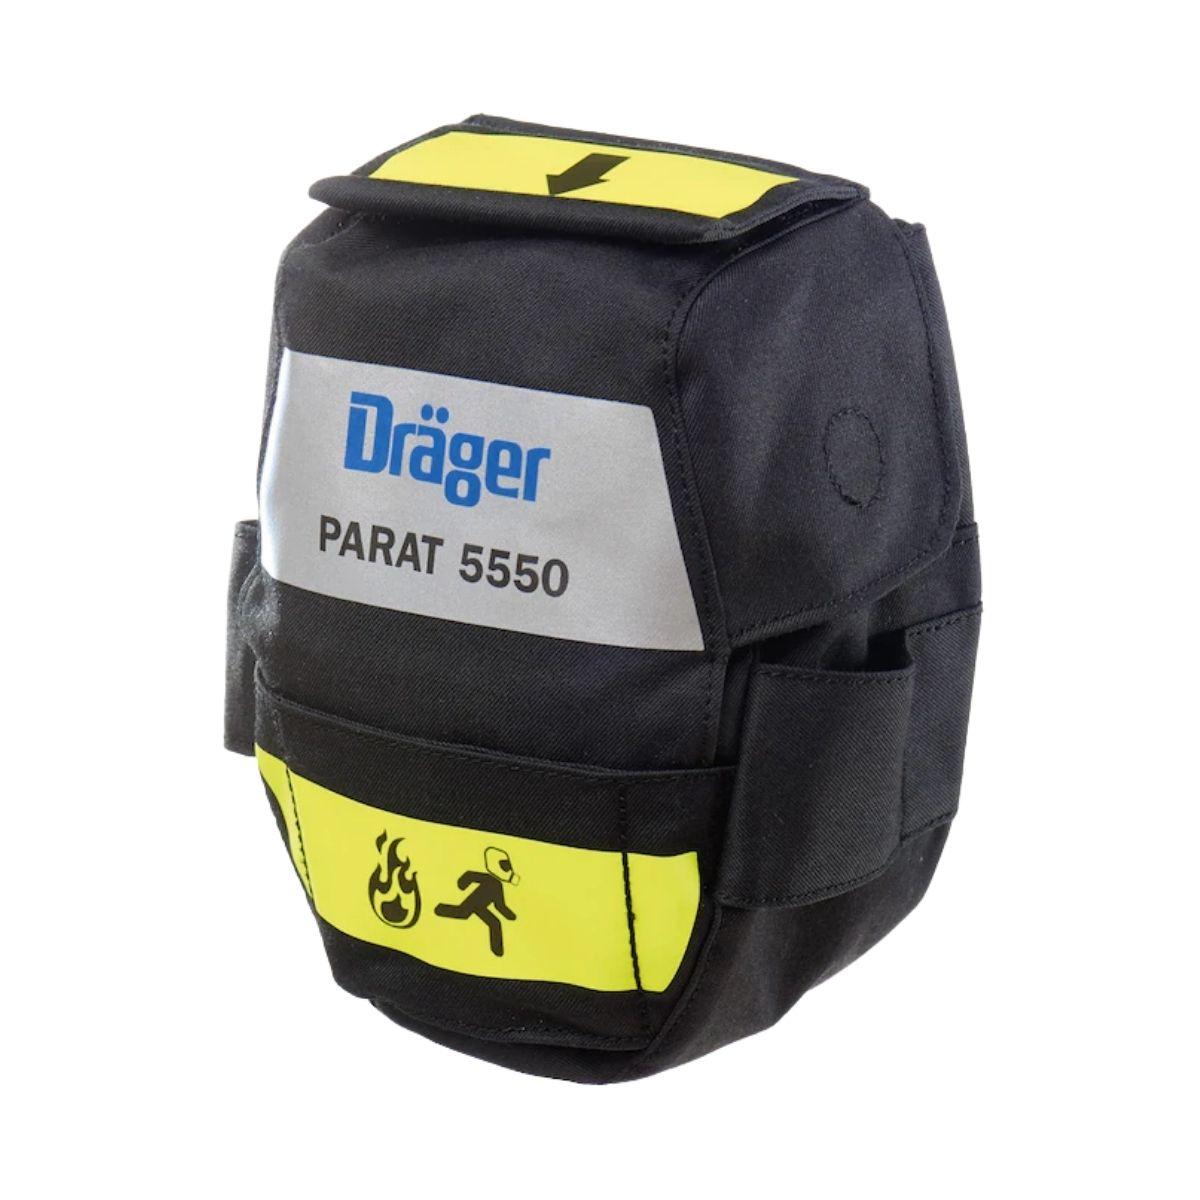 RP0001 DRÄGER PARAT 4720 Escape Hood_Bag